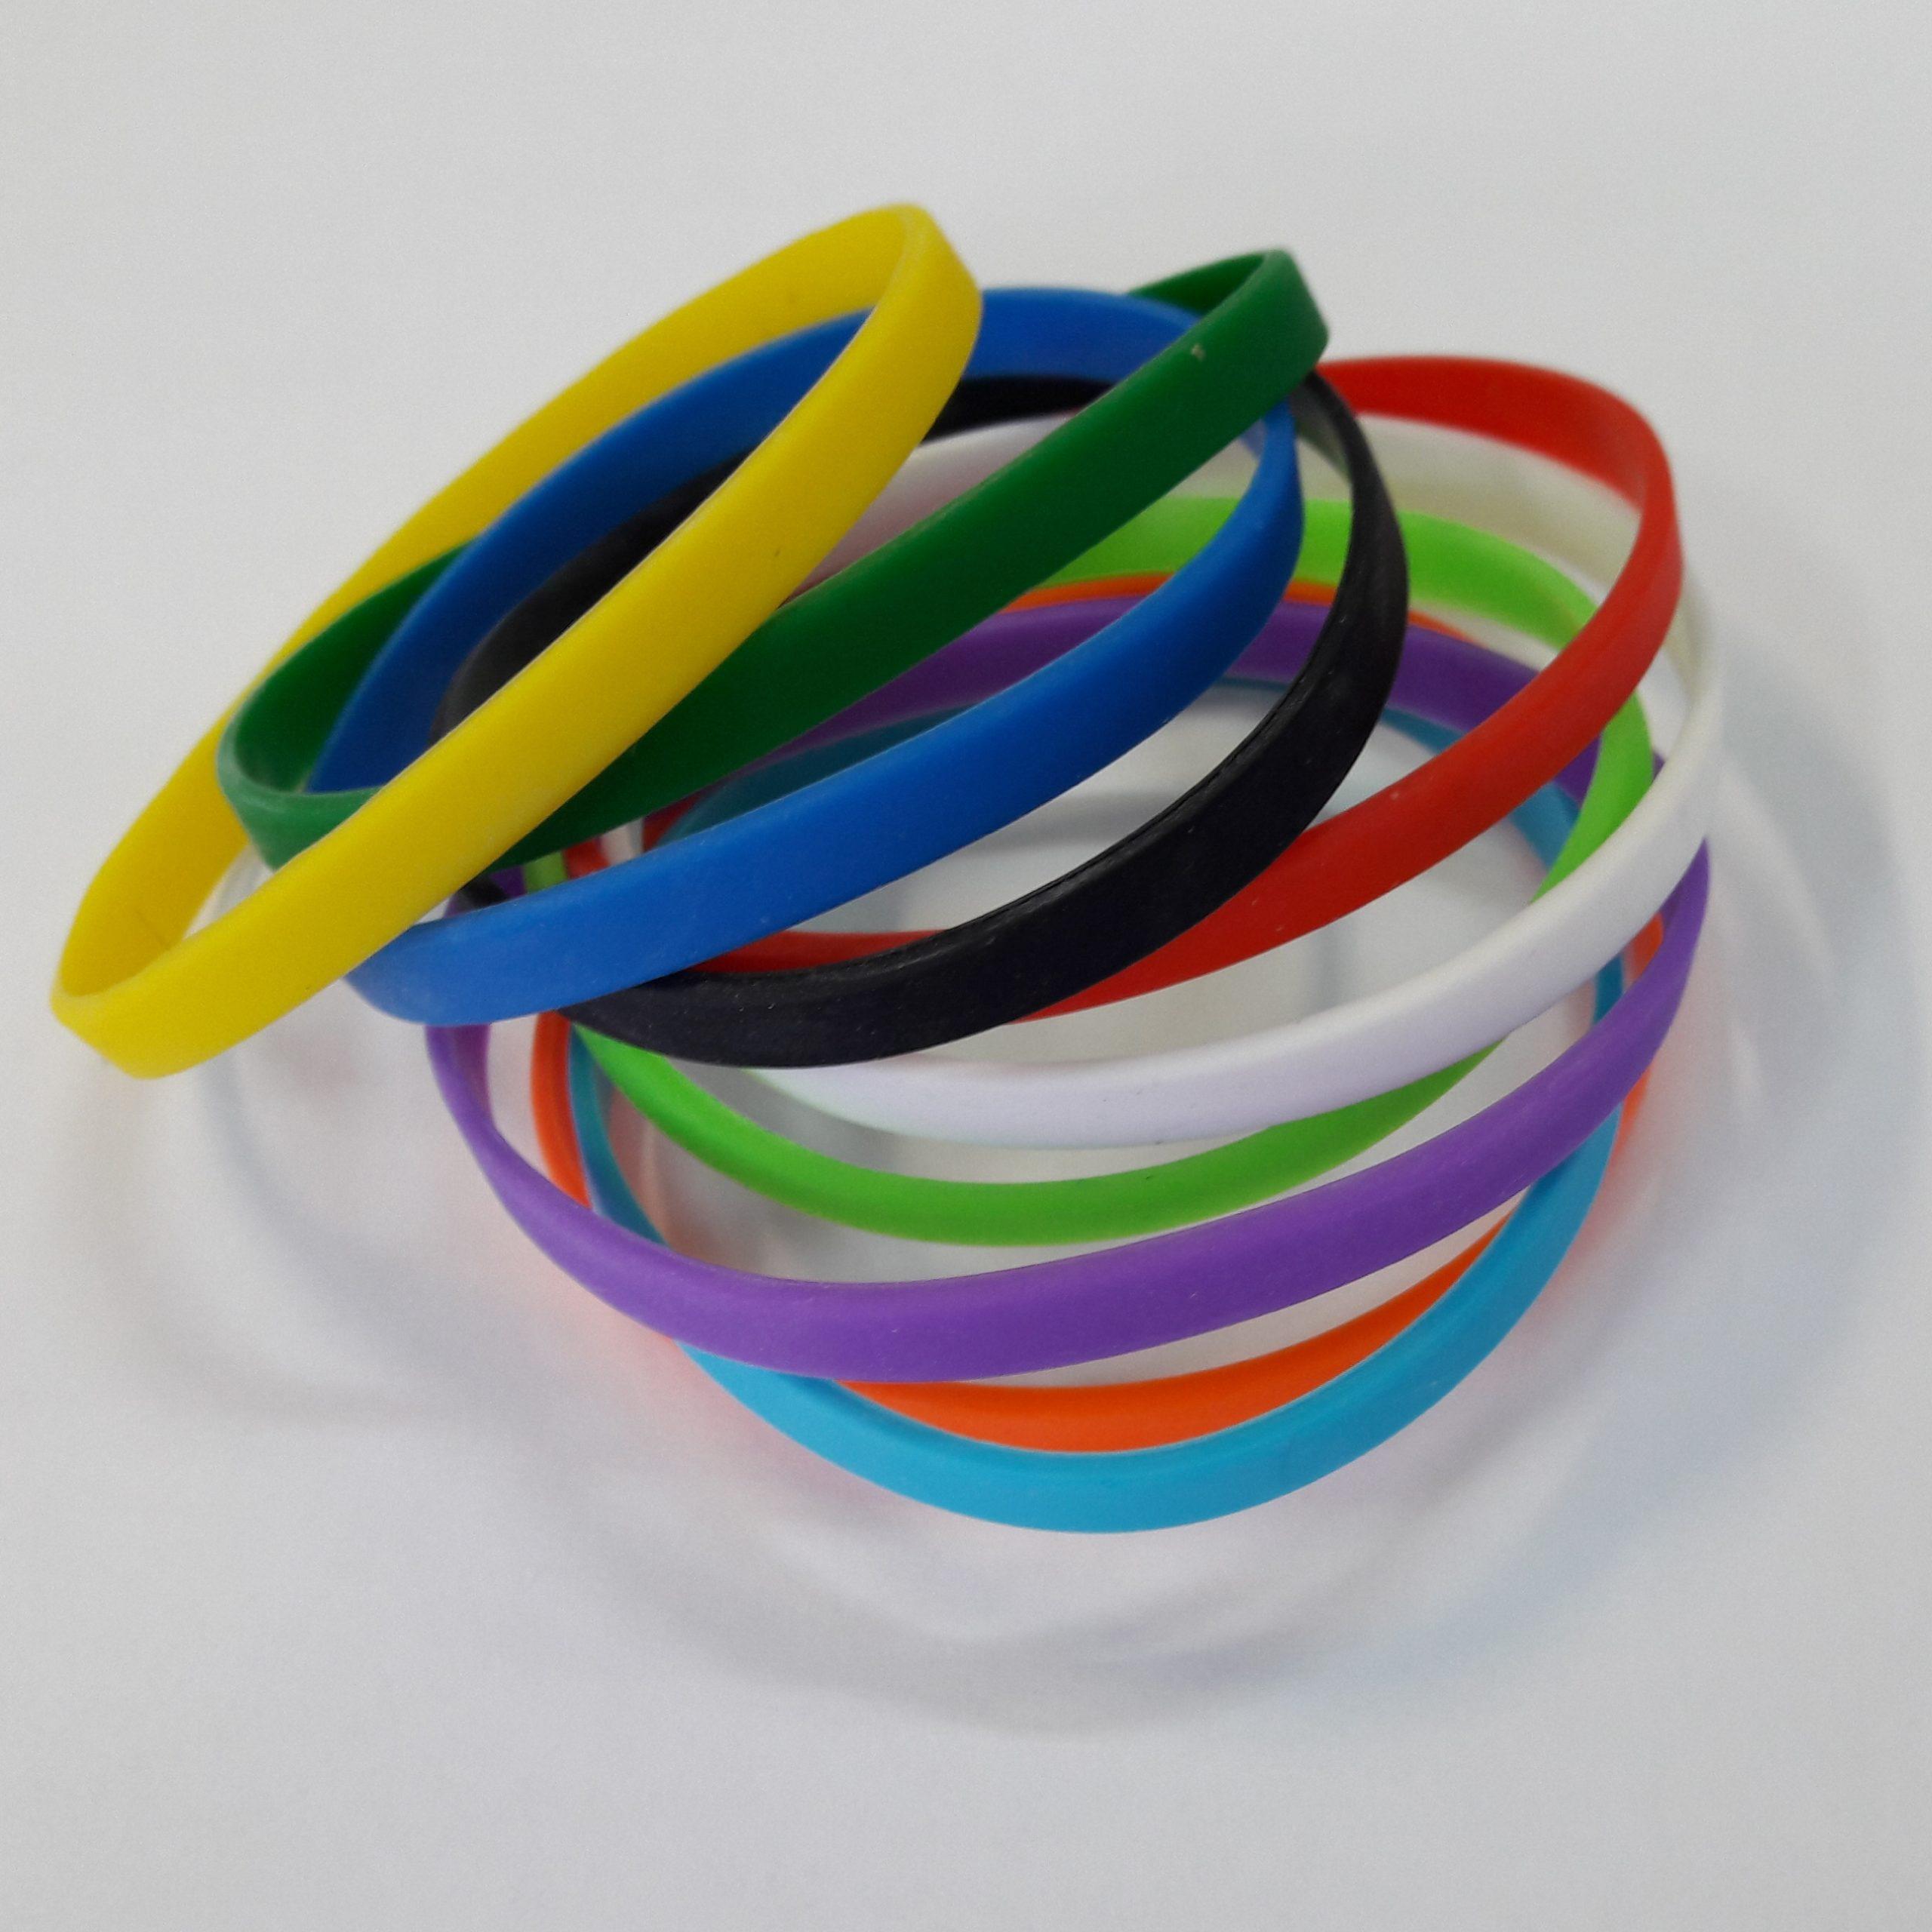 Микс узких силиконовых браслетов – когда хочется чего-то необычного